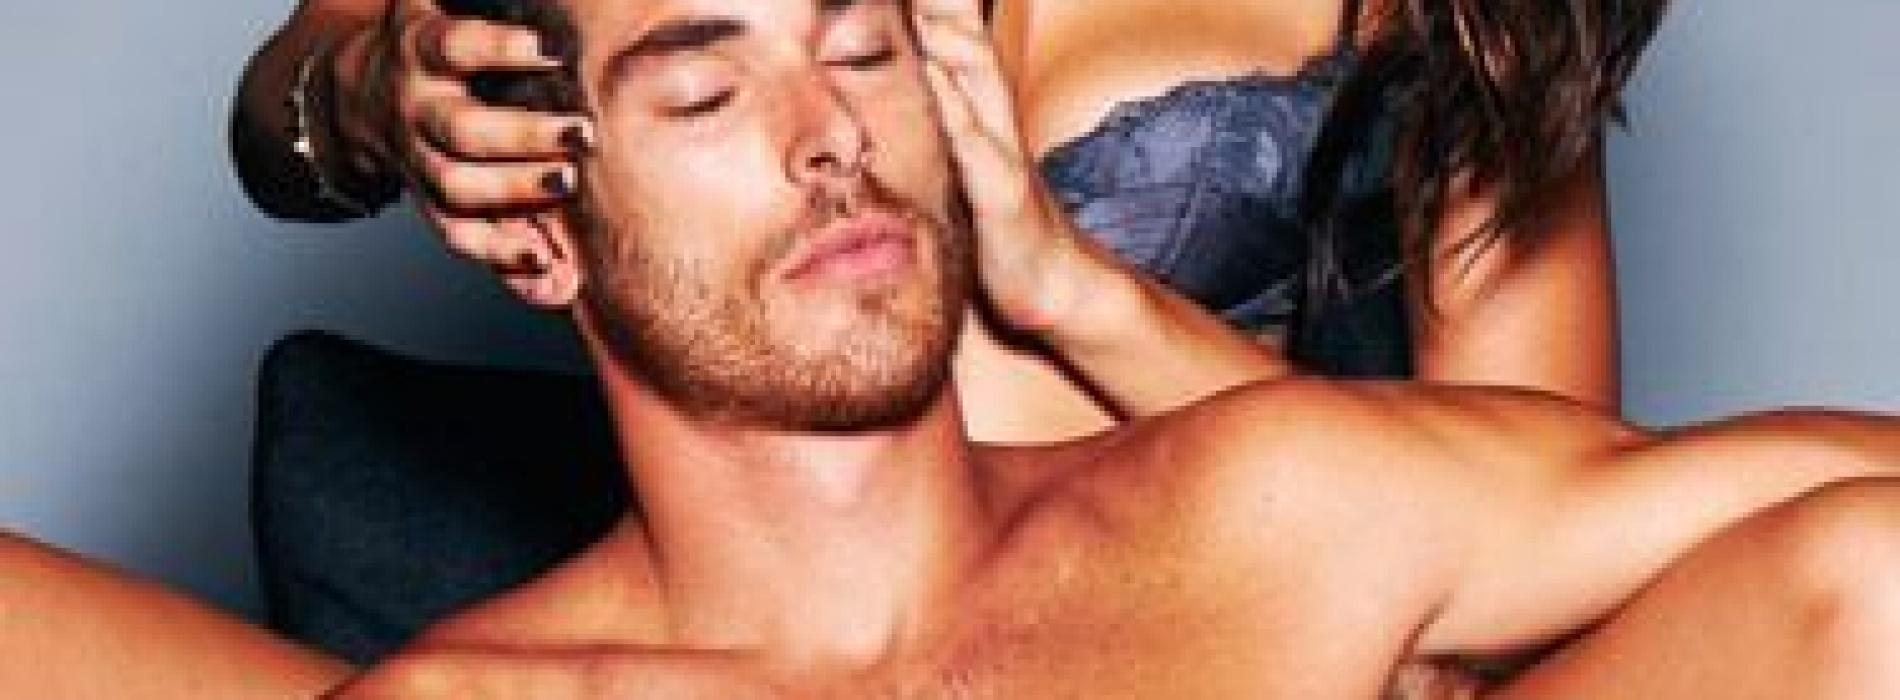 nederlandse sex video erotische massage voor 2